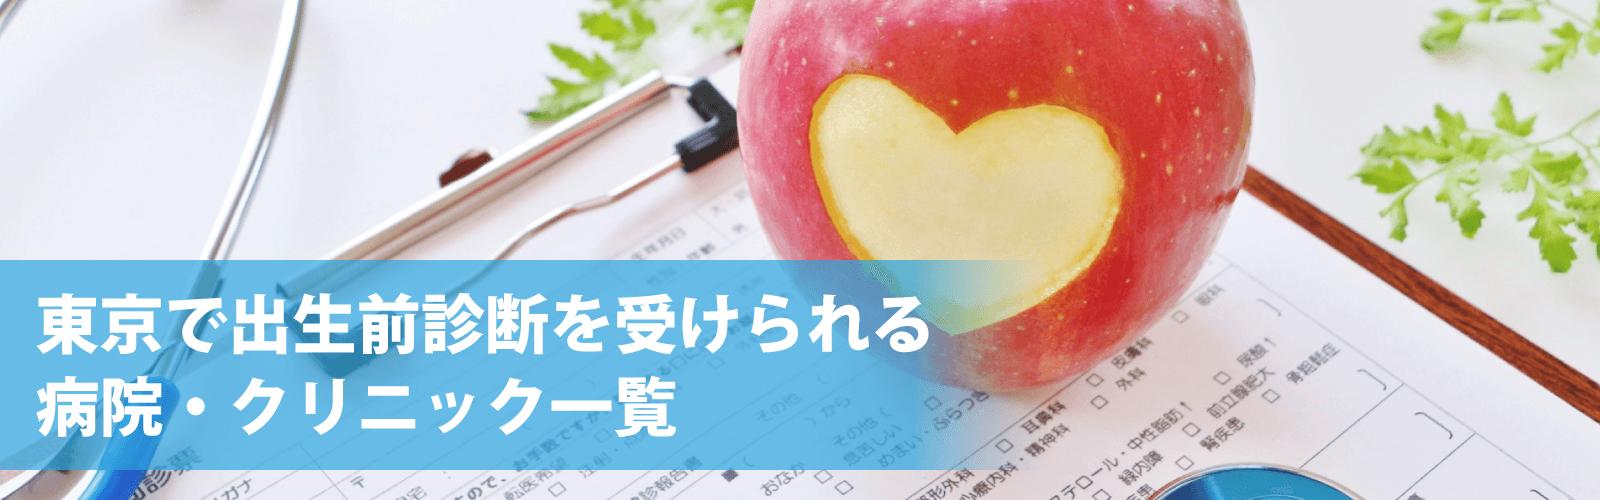 東京で出生前診断を受けられる病院・クリニック一覧